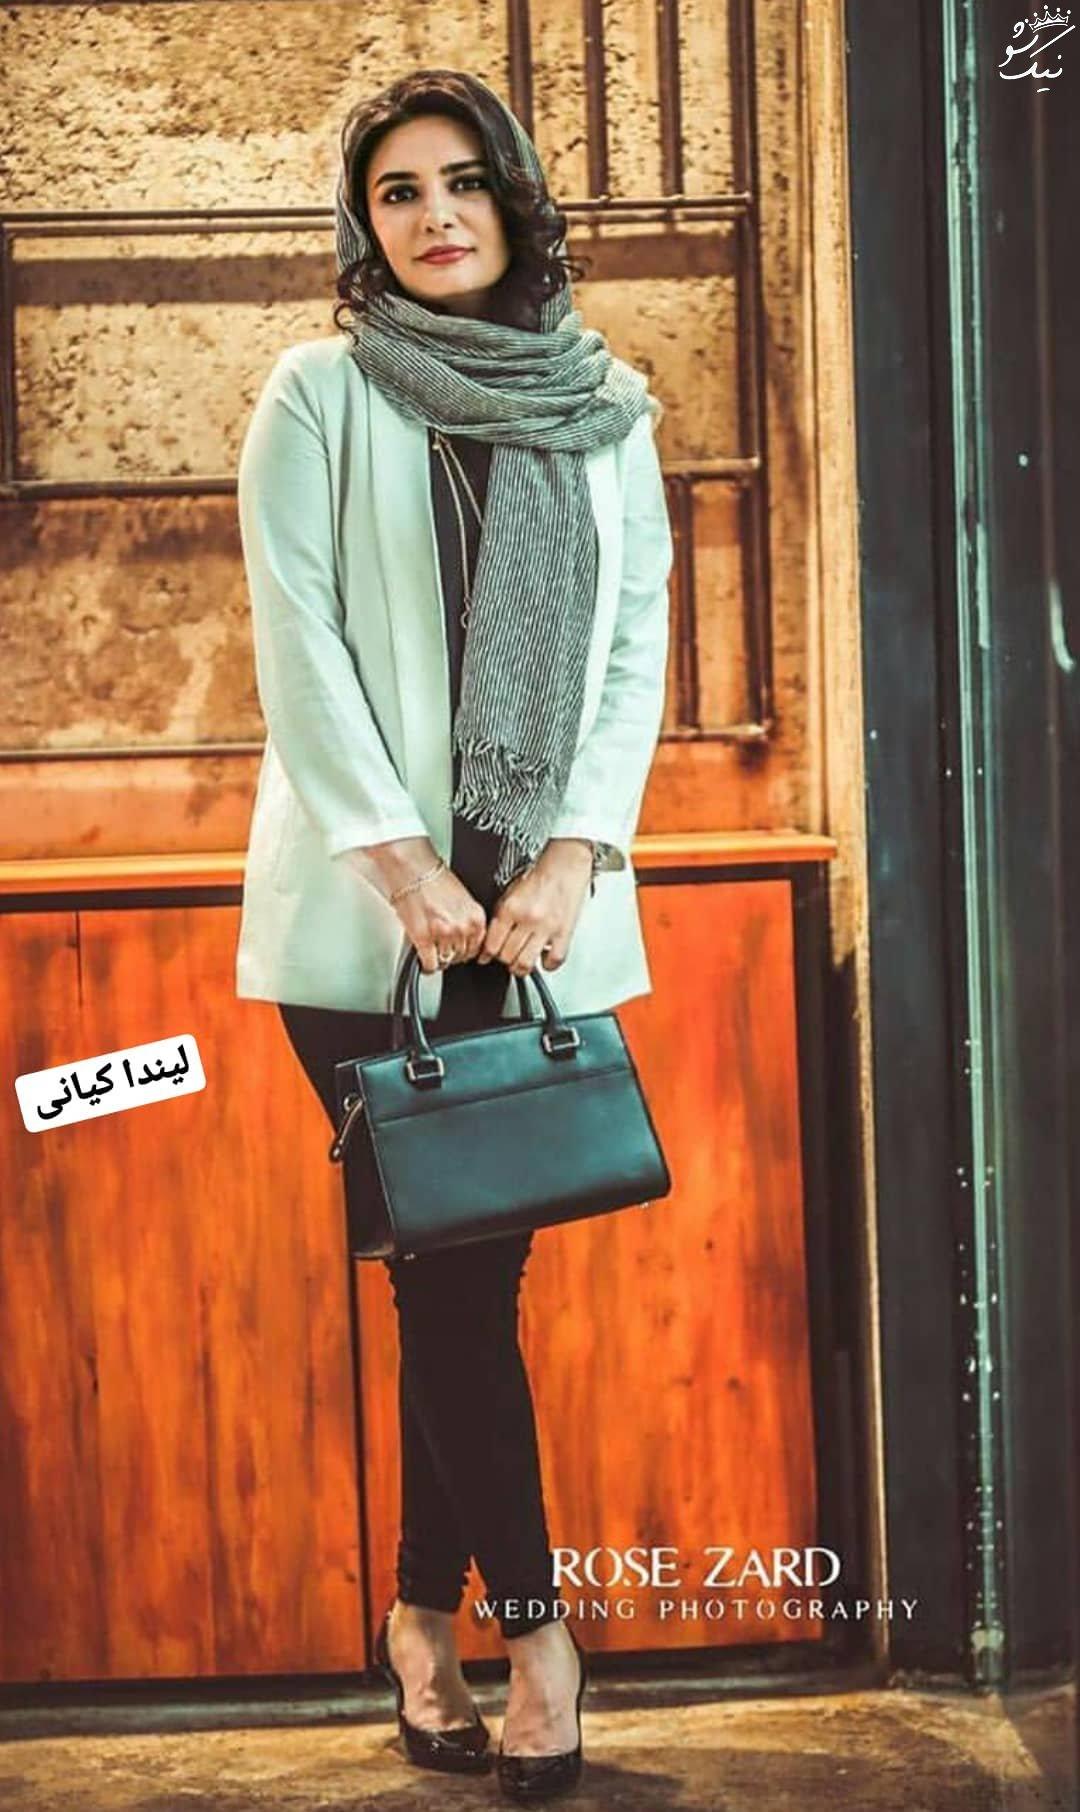 مدل های مانتو لیندا کیانی در اینستاگرام